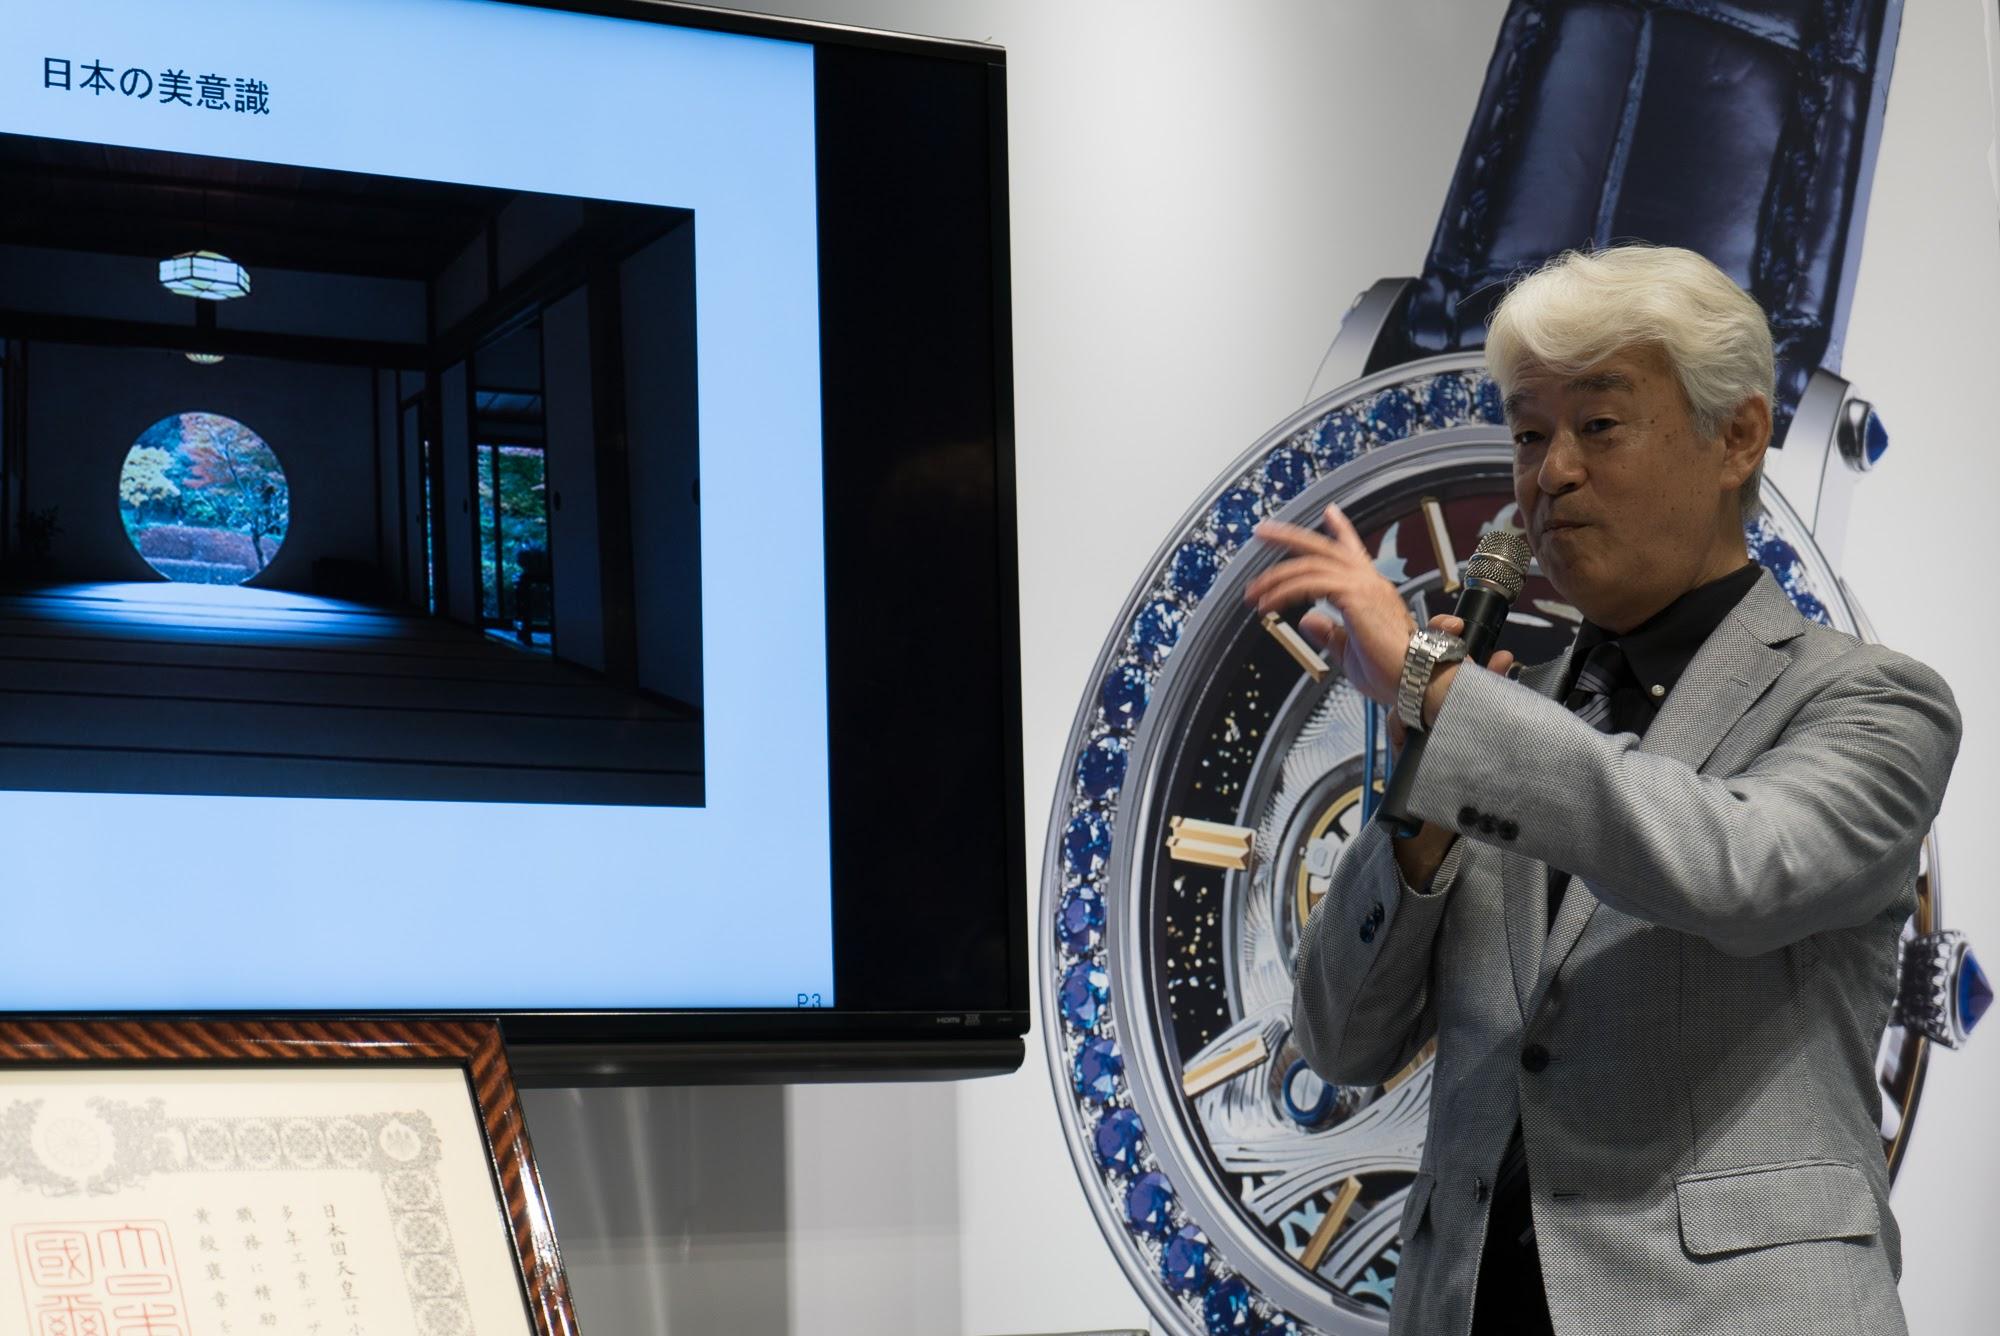 Kosugi-san discusses inspirations